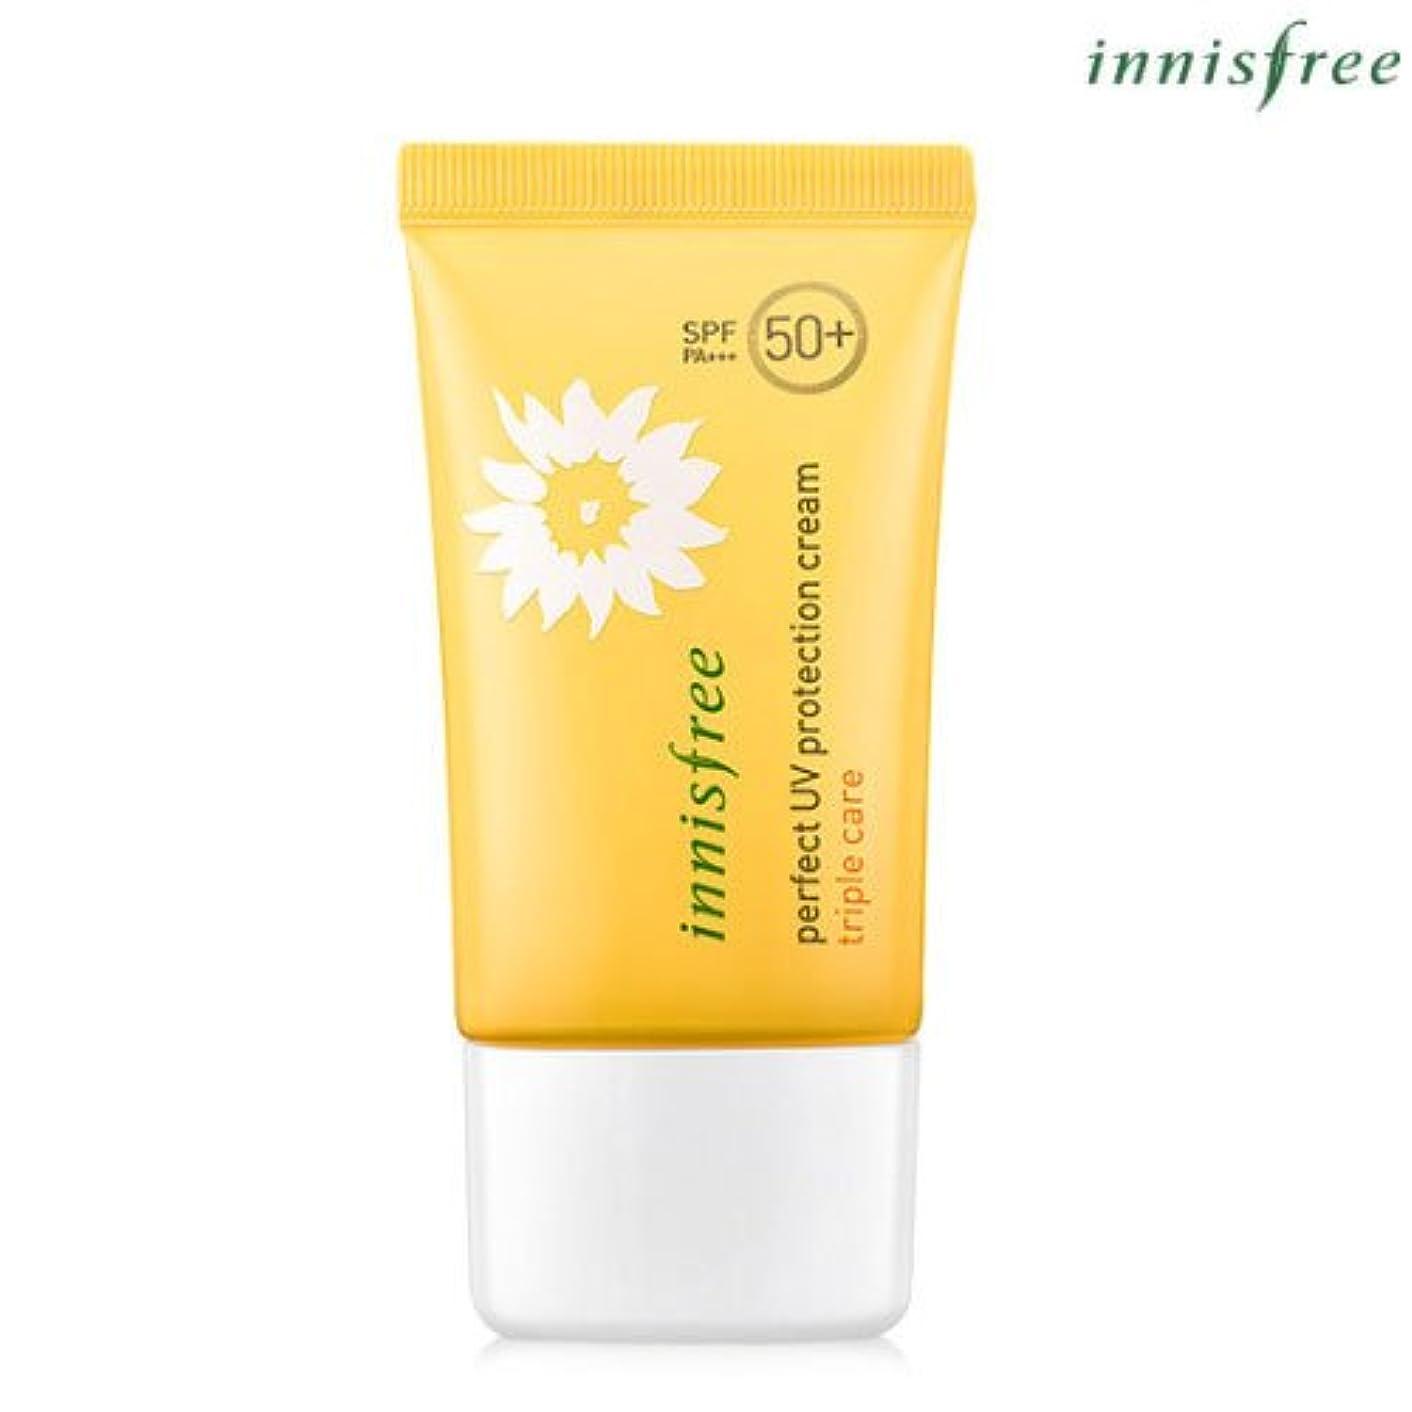 阻害する鹿予言する[INNISFREE]イニスフリーパーフェクトUV プロテクション クリームトリプルケアSPF50+ PA+++ 50mL perfect UV protection cream triple care SPF50+ PA...